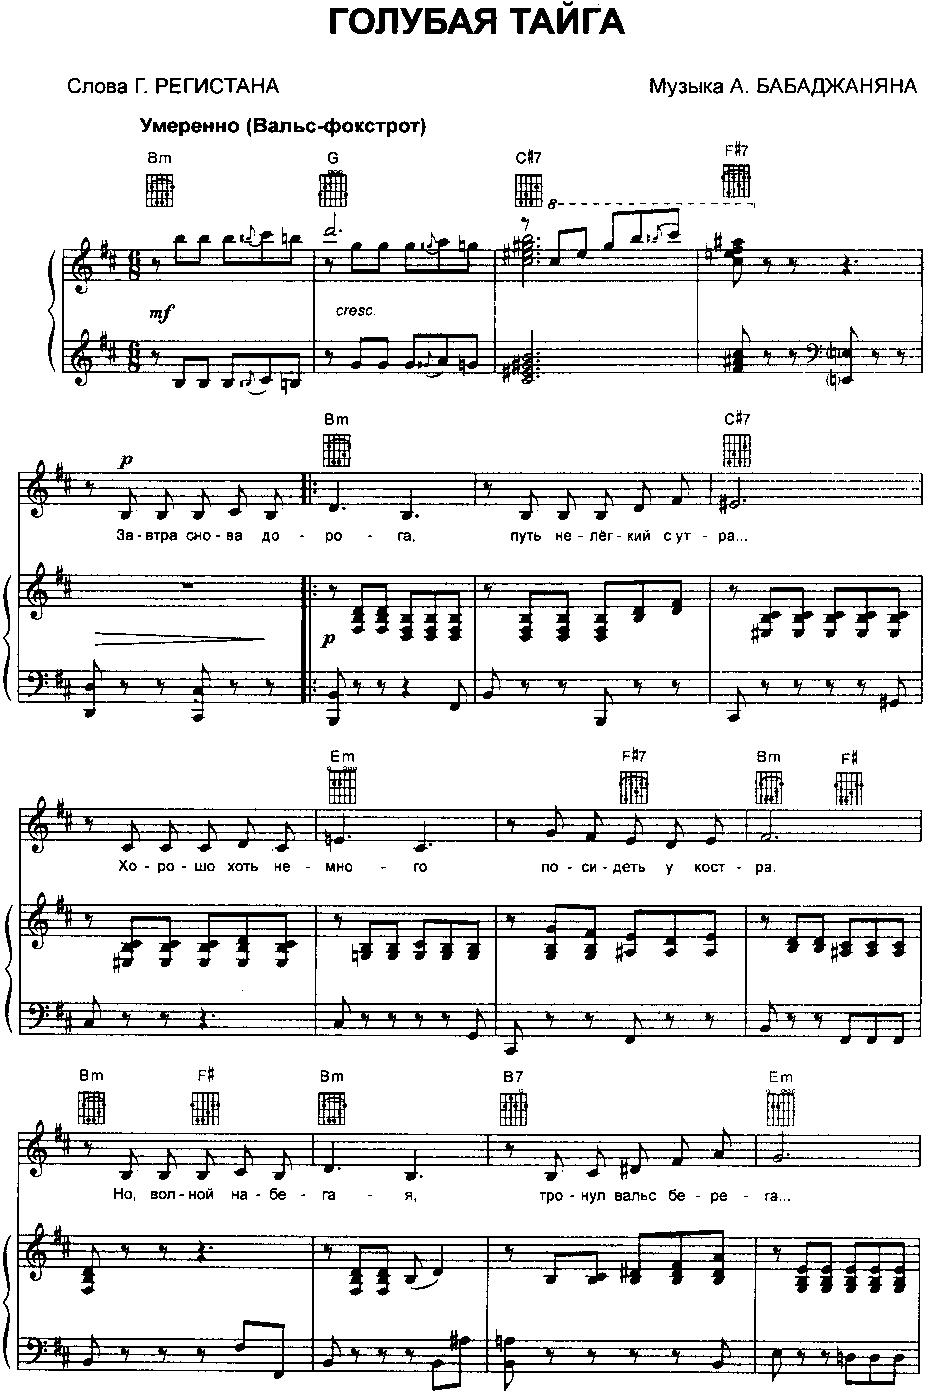 a-vse-konchaetsya-slova-akkordi